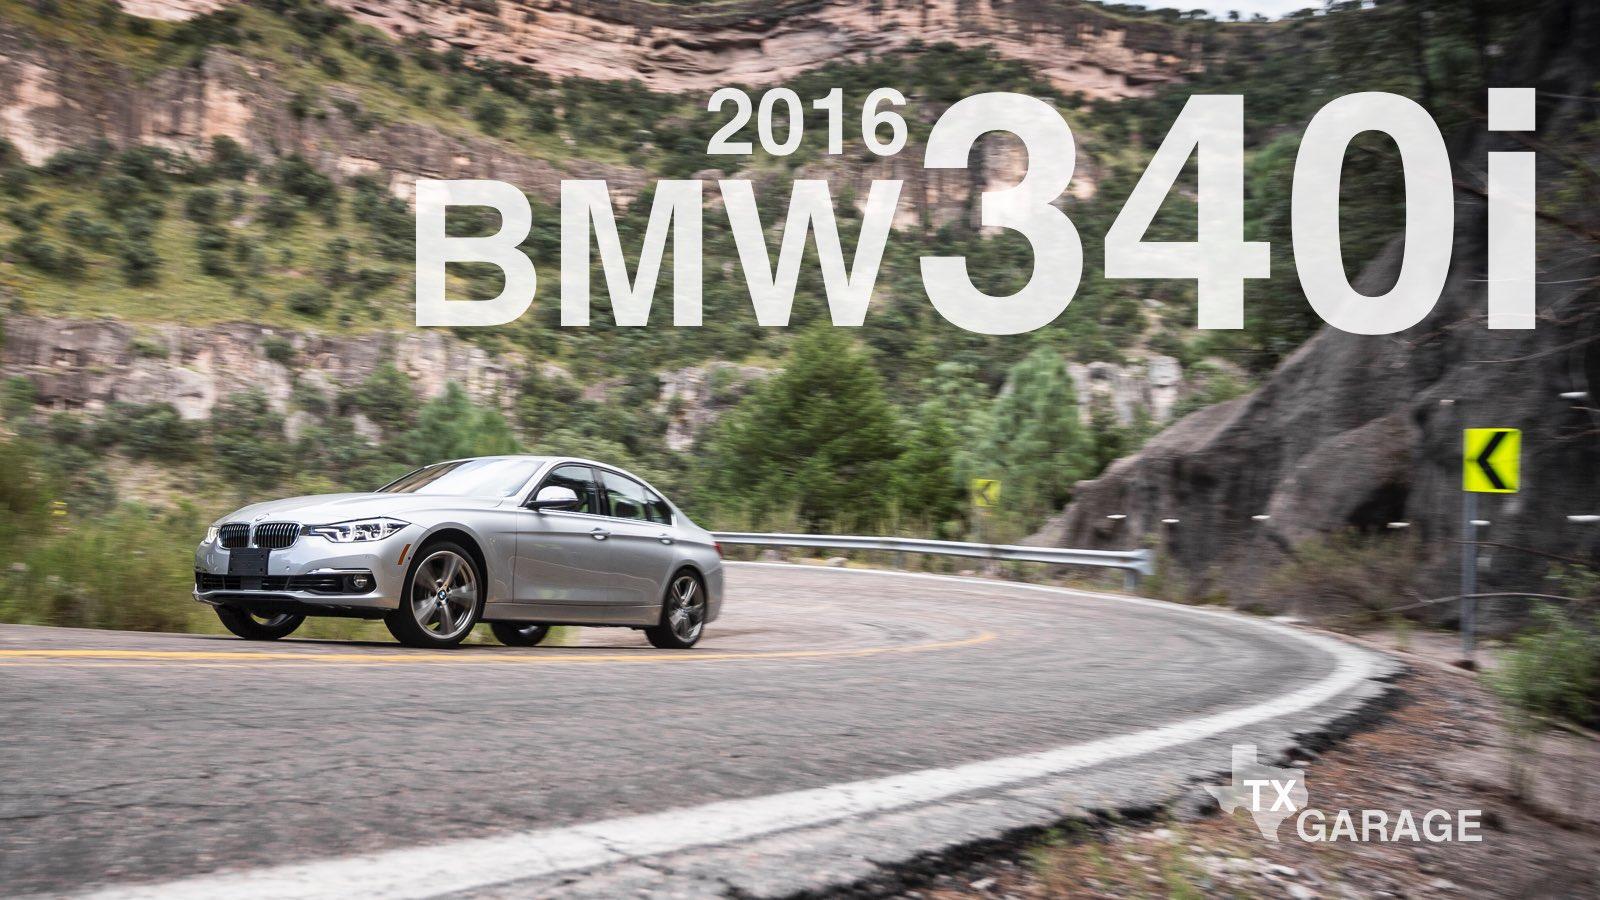 2016-BMW-340i-cover